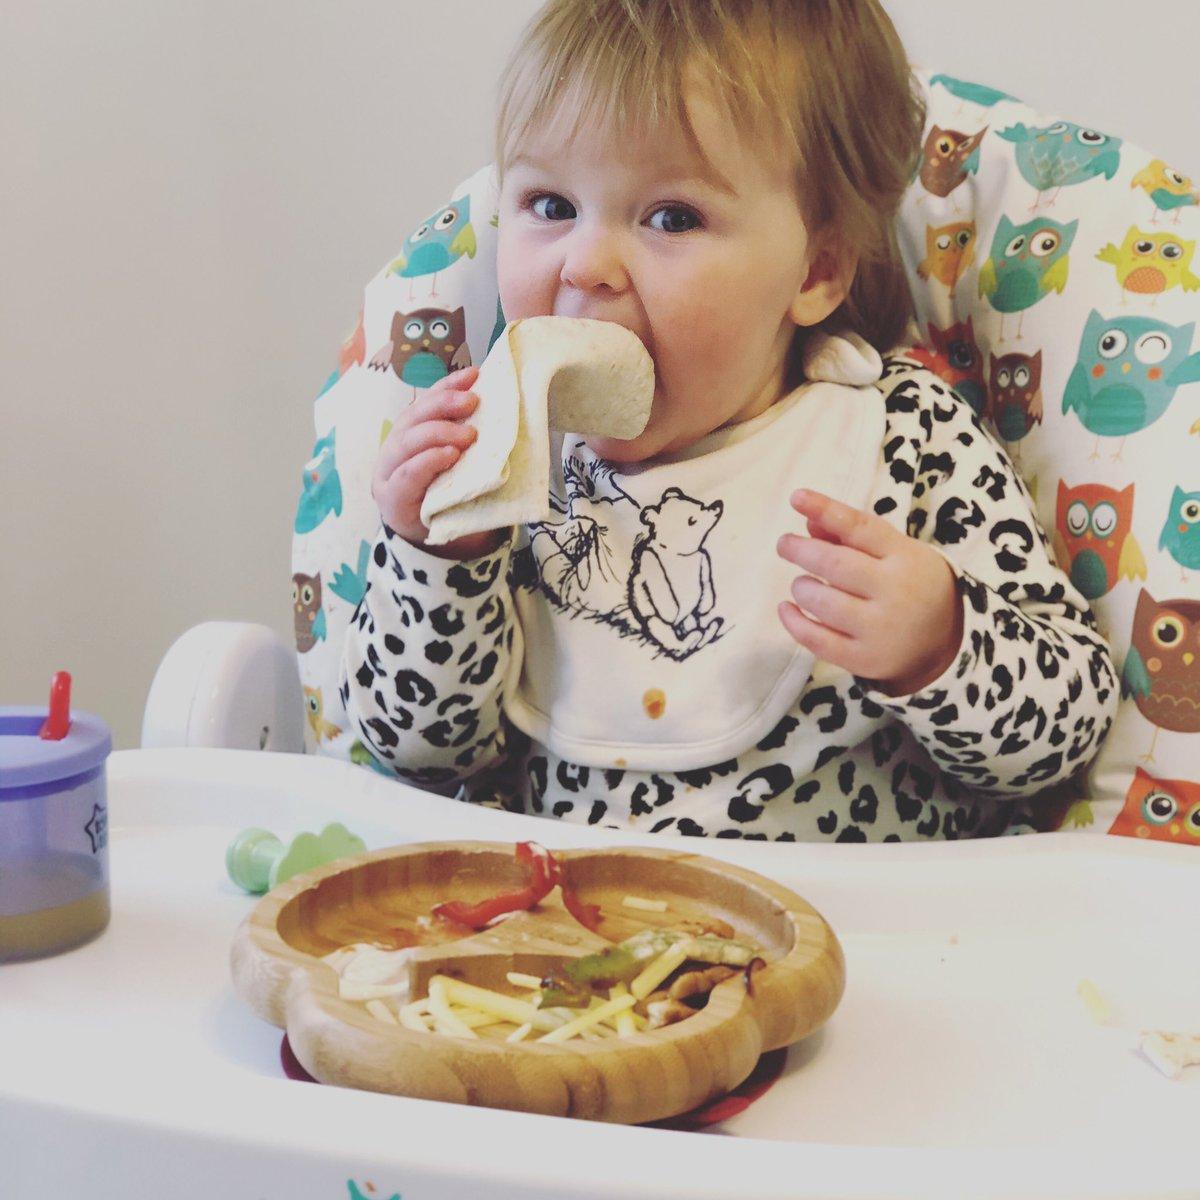 Fajitas for the little princess #babyheidi #food #fajitas #foodiepic.twitter.com/N65o7GYWWo